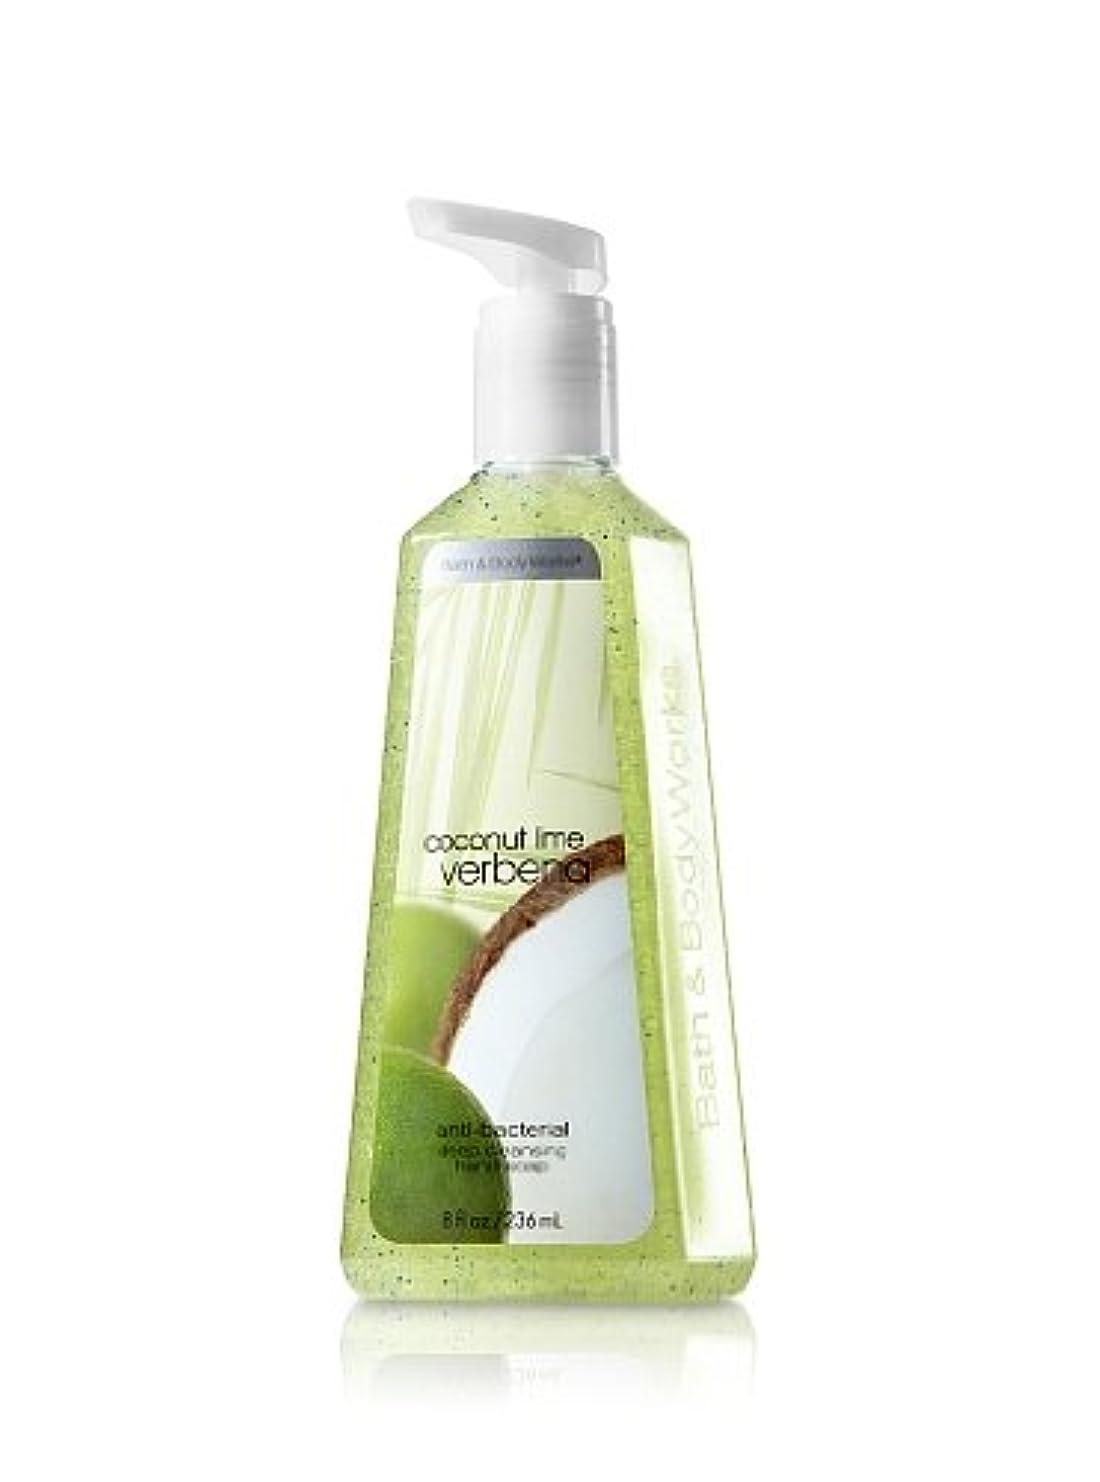 アンティーク動物あまりにもバス&ボディワークス ココナッツライムバーベナ ディープクレンジングハンドソープ Coconut Lime Verbena Deep Cleansing Hand Soap [海外直送品]